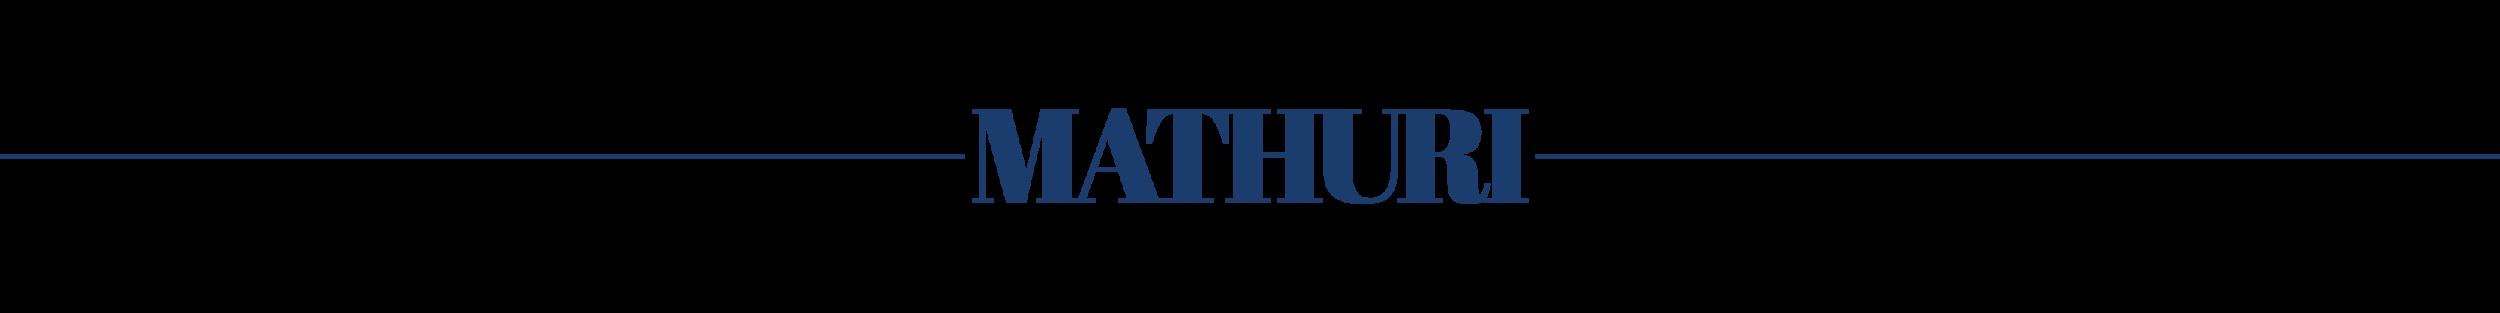 about_header_mathuri2.png